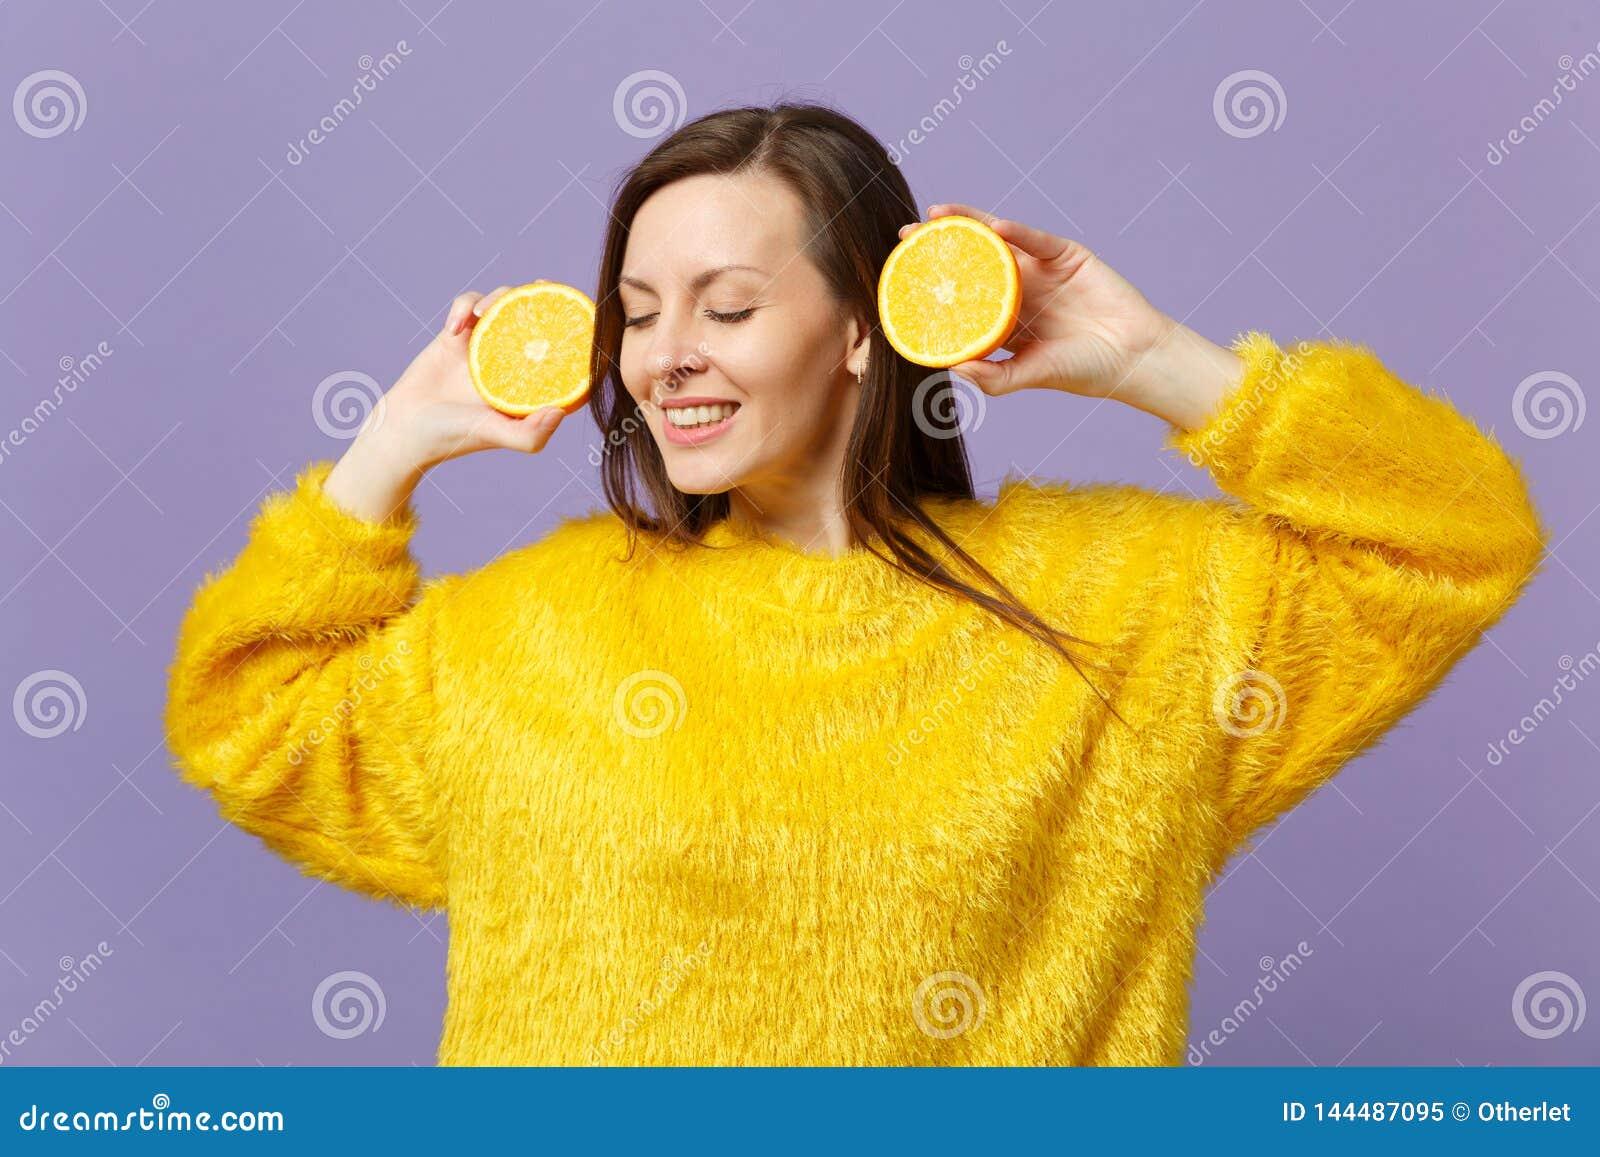 Jovem mulher bonita na camiseta da pele que mantém os olhos fechados para guardar halfs do fruto alaranjado maduro fresco isolado